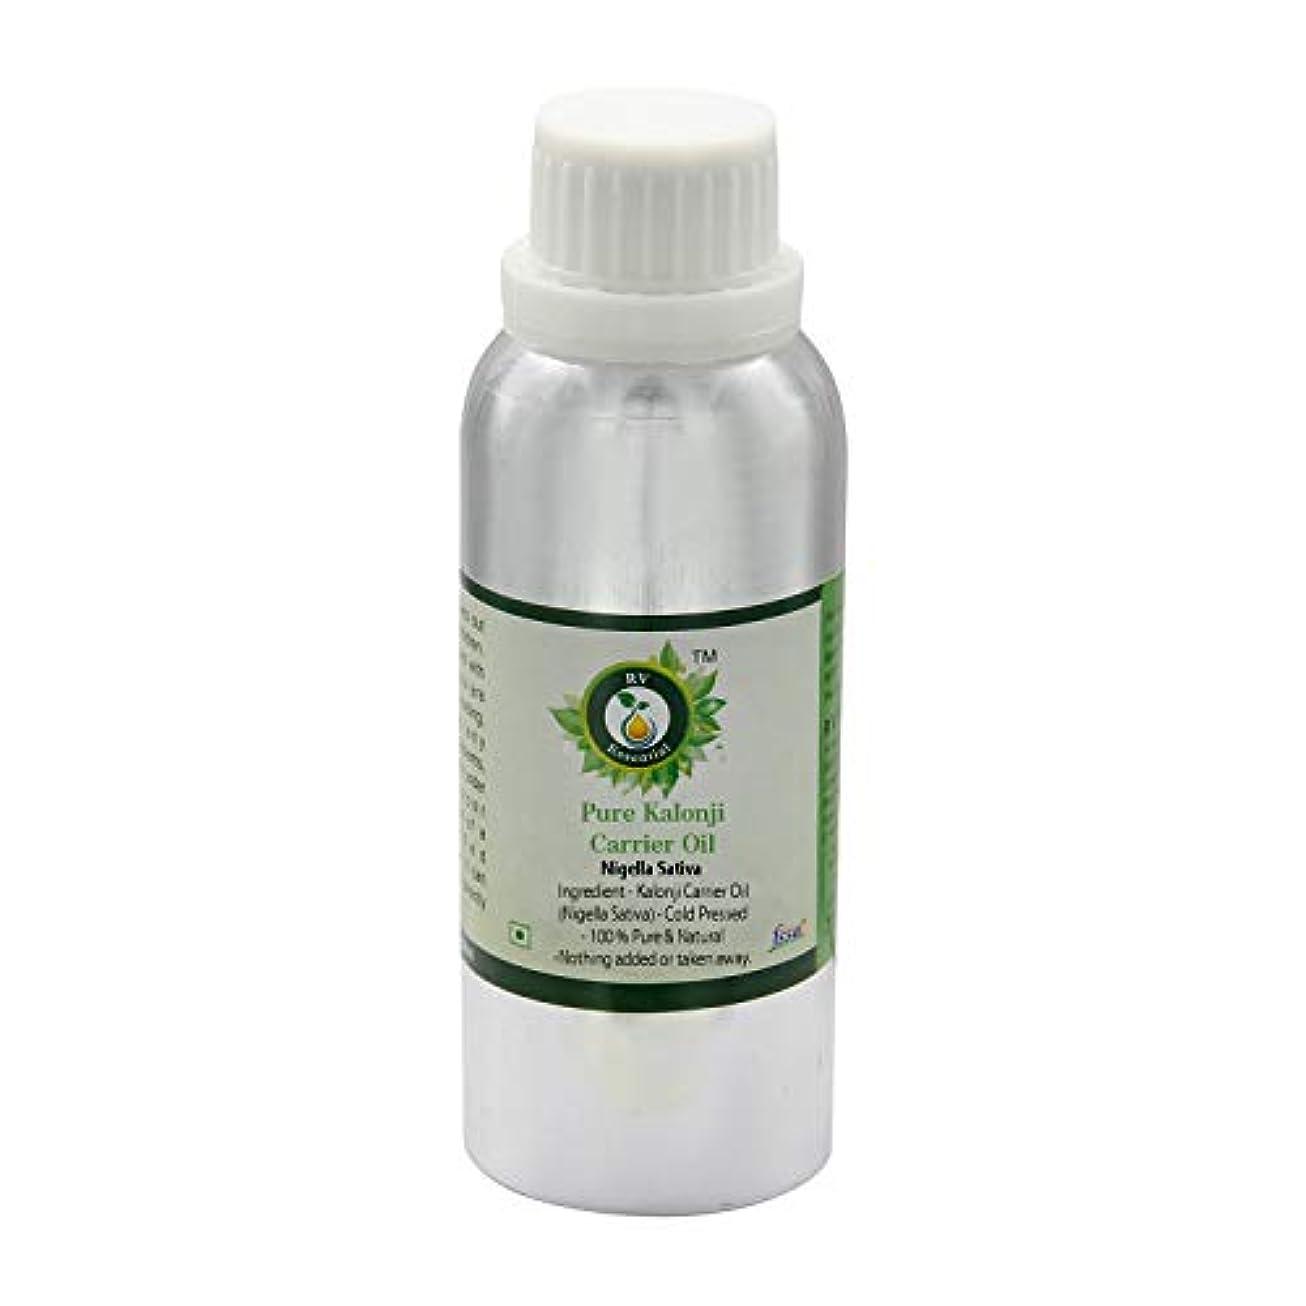 デマンドベル偽善ピュアKalonjiキャリアオイル300ml (10oz)- Nigella Sativa (100%ピュア&ナチュラルコールドPressed) Pure Kalonji Carrier Oil